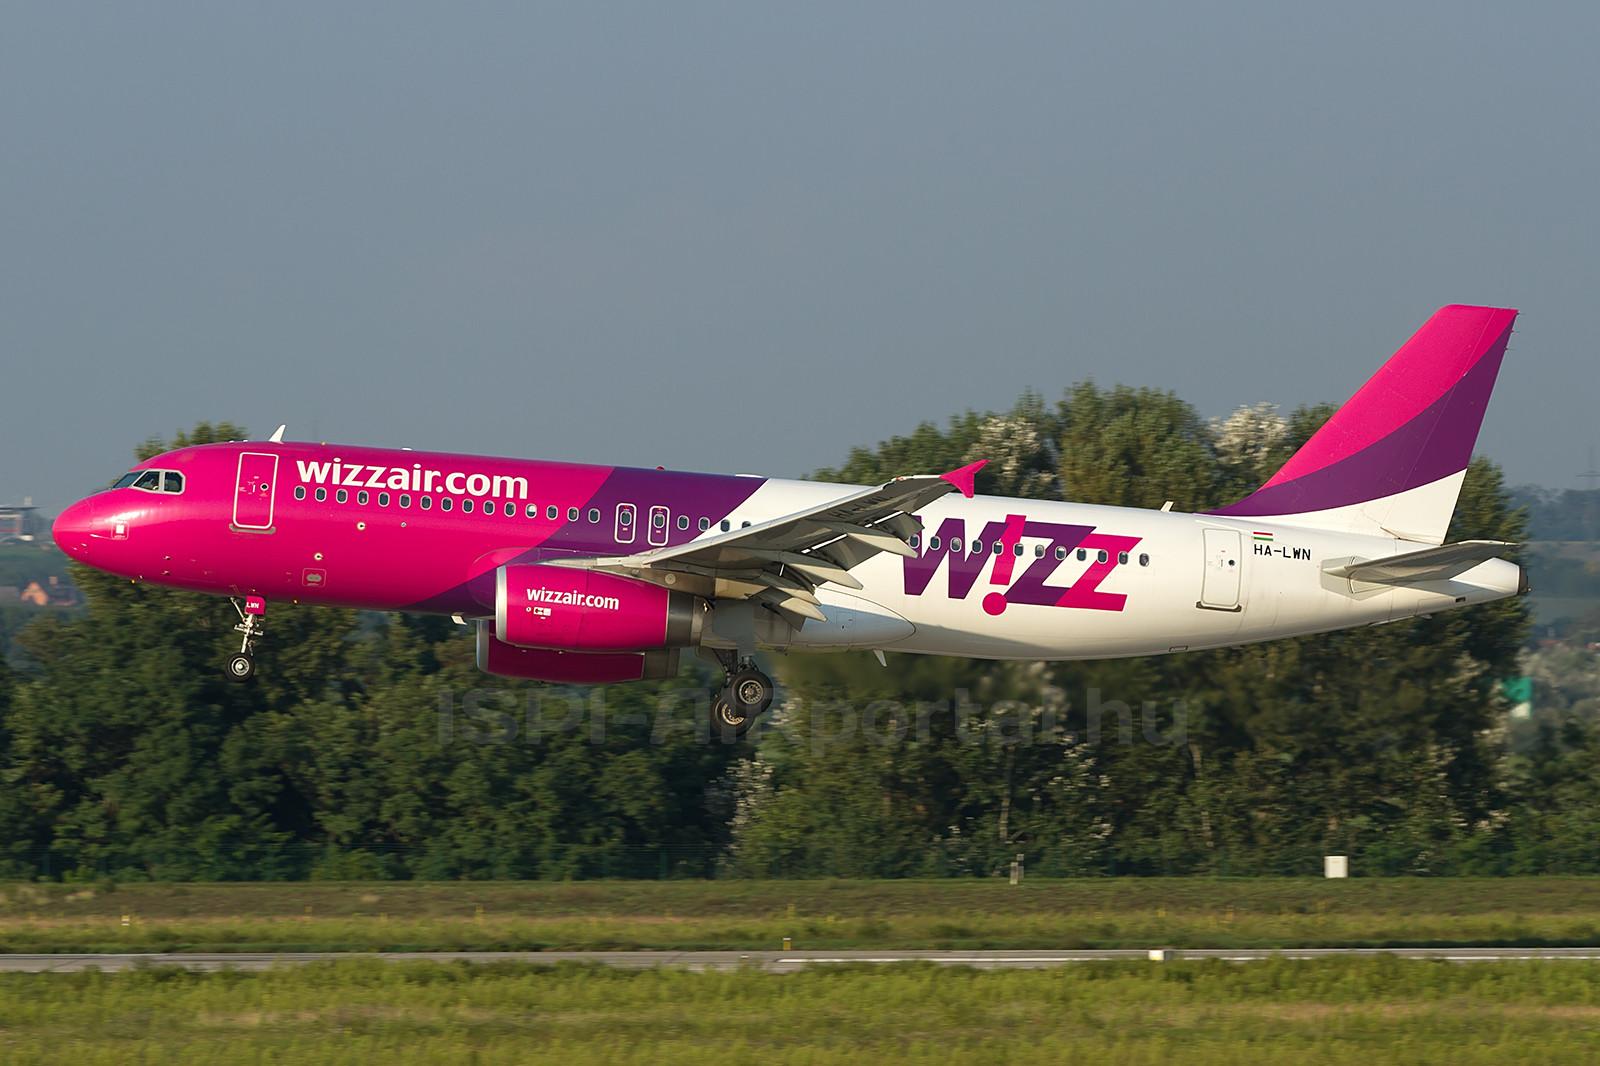 Fotó a repülőgép egy működő hajtóművel végrehajtott leszállásáról. A képen jól látszik, hogy csak a jobb oldali hajtóműből áramlik ki a forró levegő. (Fotó: Ispán Tamás - AIRportal.hu) | © AIRportal.hu